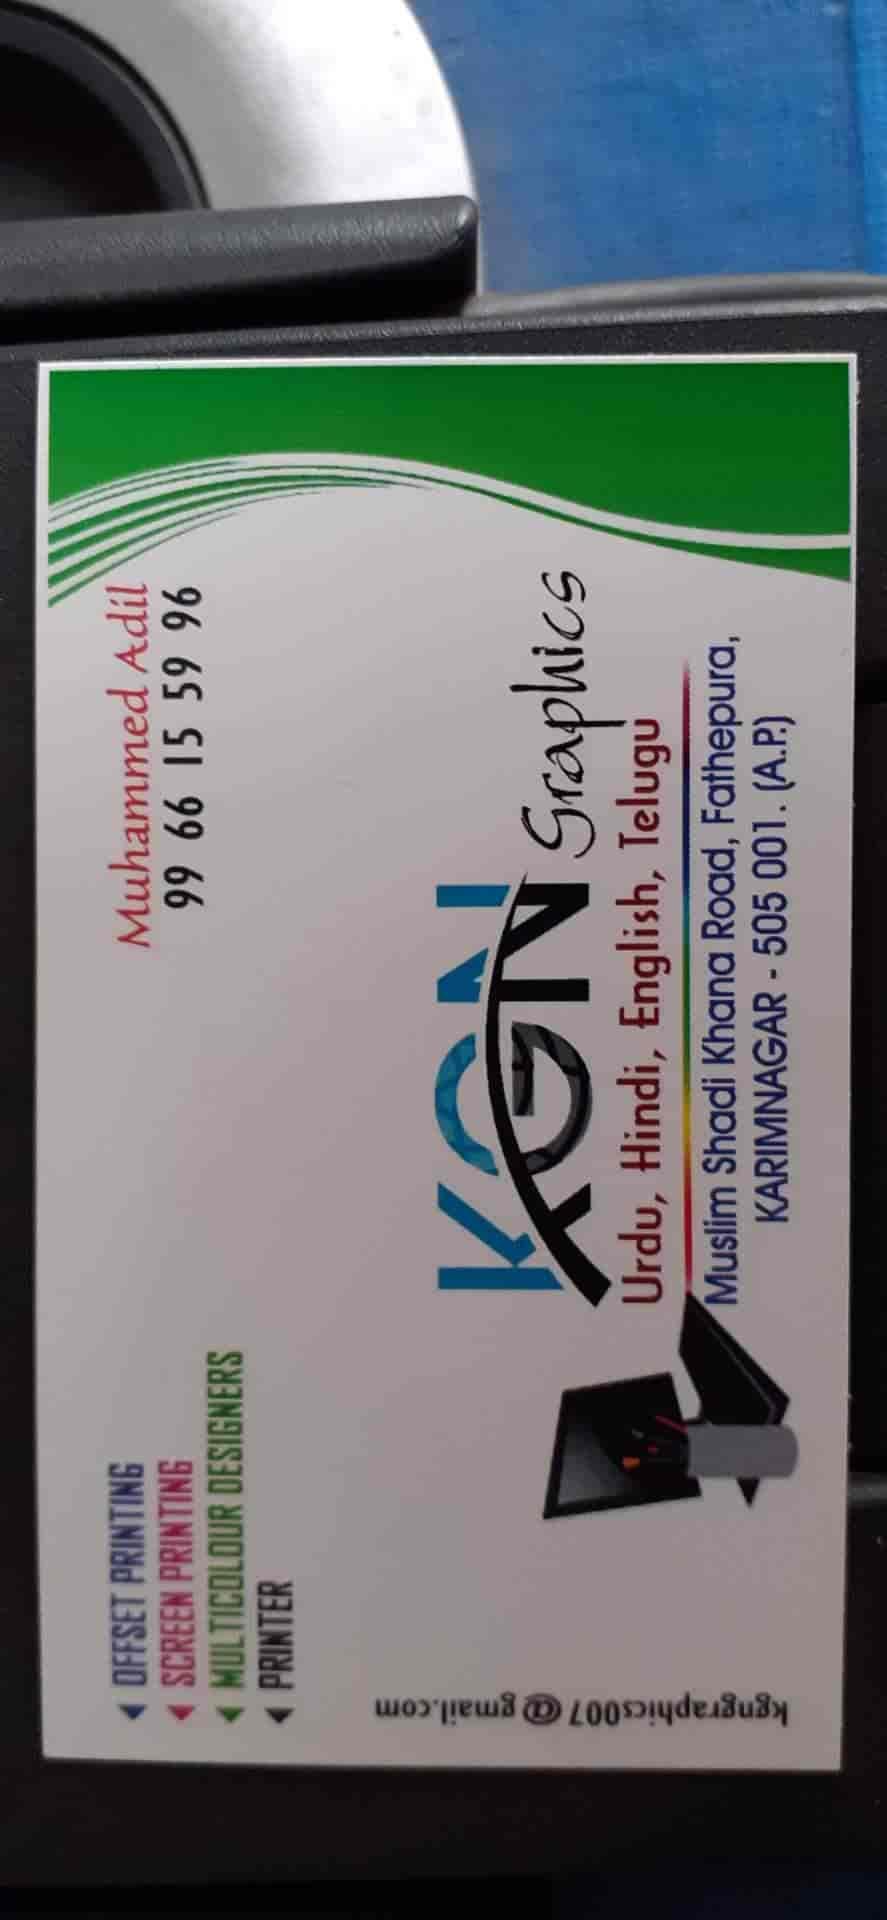 Kgn Graphics, Tower Circle - Screen Printers in Karimnagar